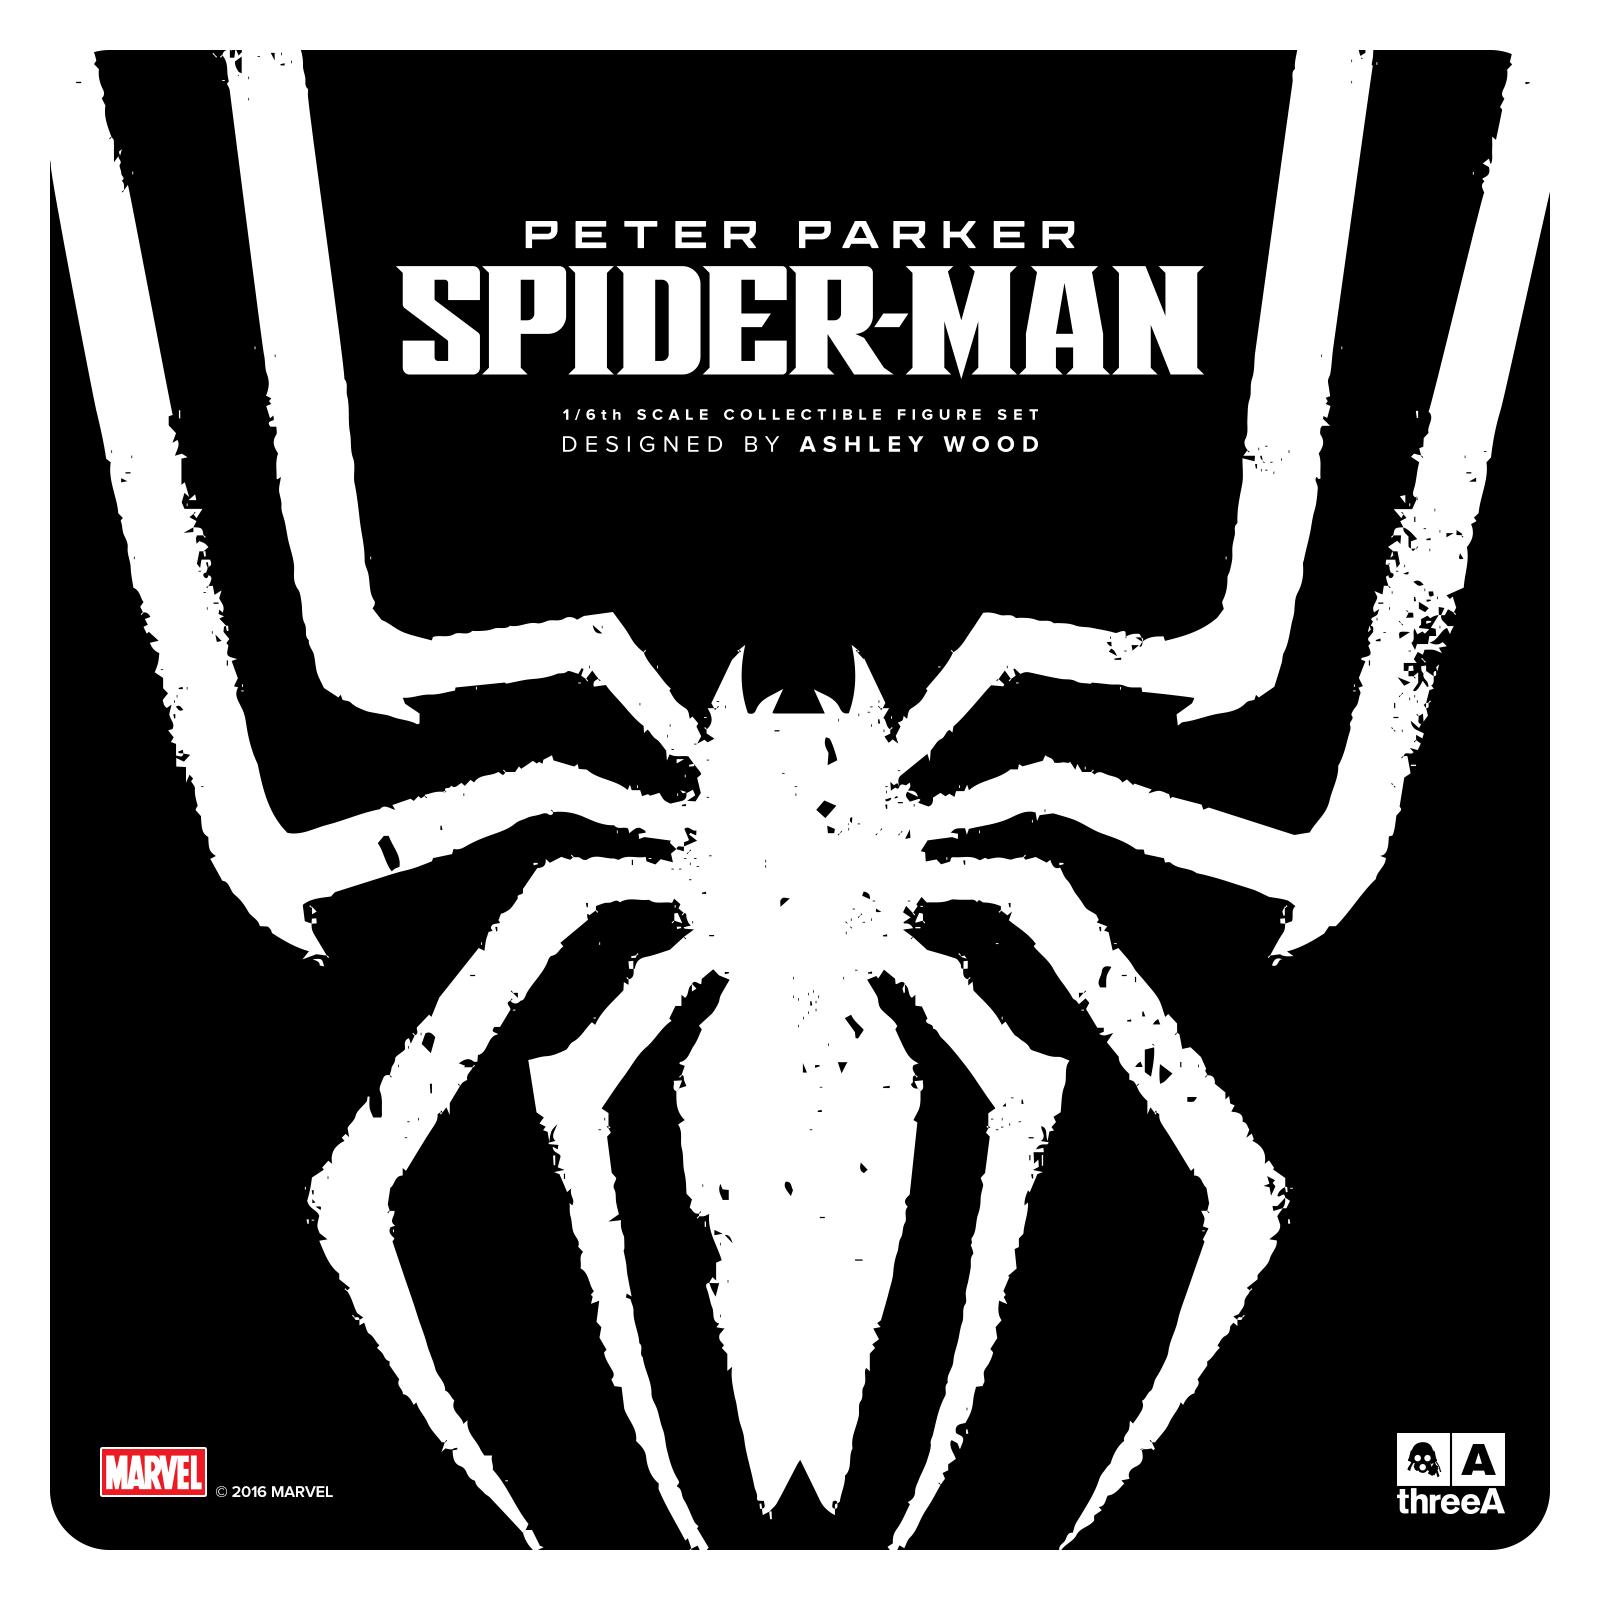 3A_Marvel_PeterParker_Spider-Man_TeaserAd_Black.png